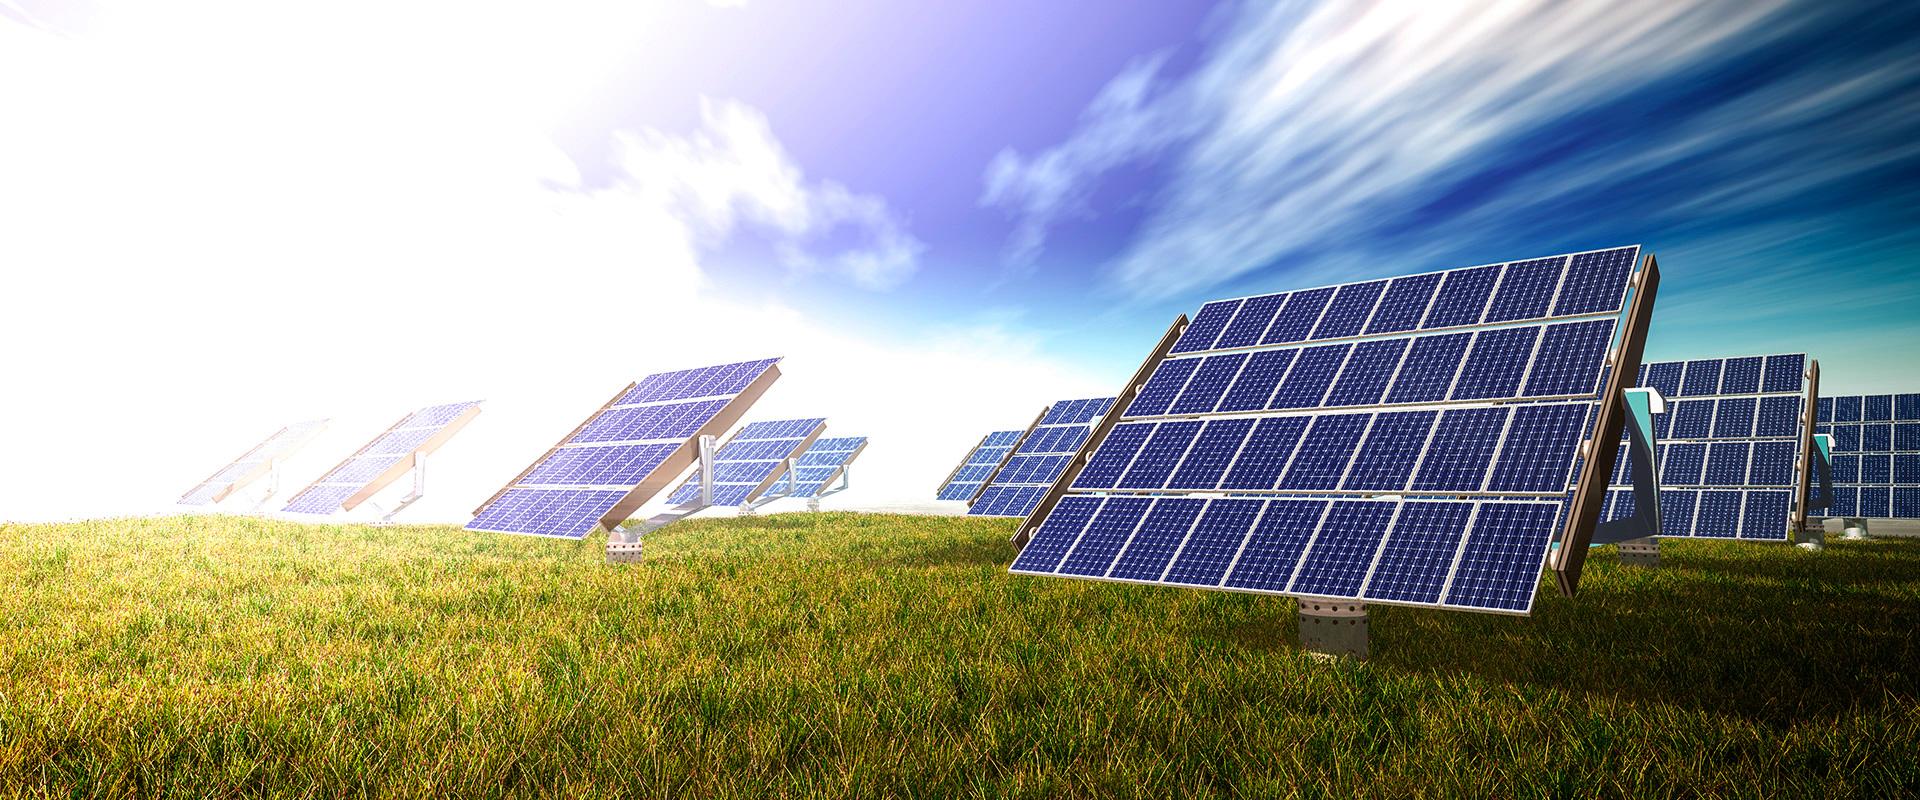 energía eléctrica y gas natural